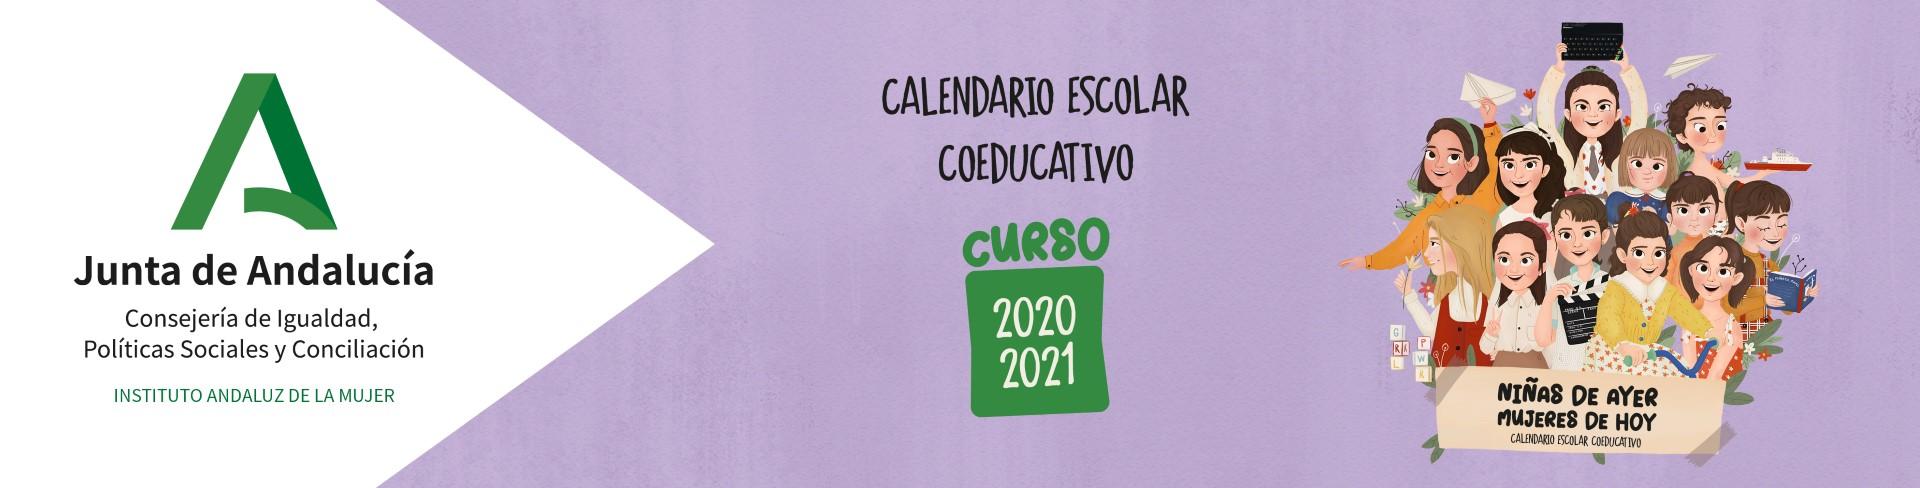 Calendario Coeducativo